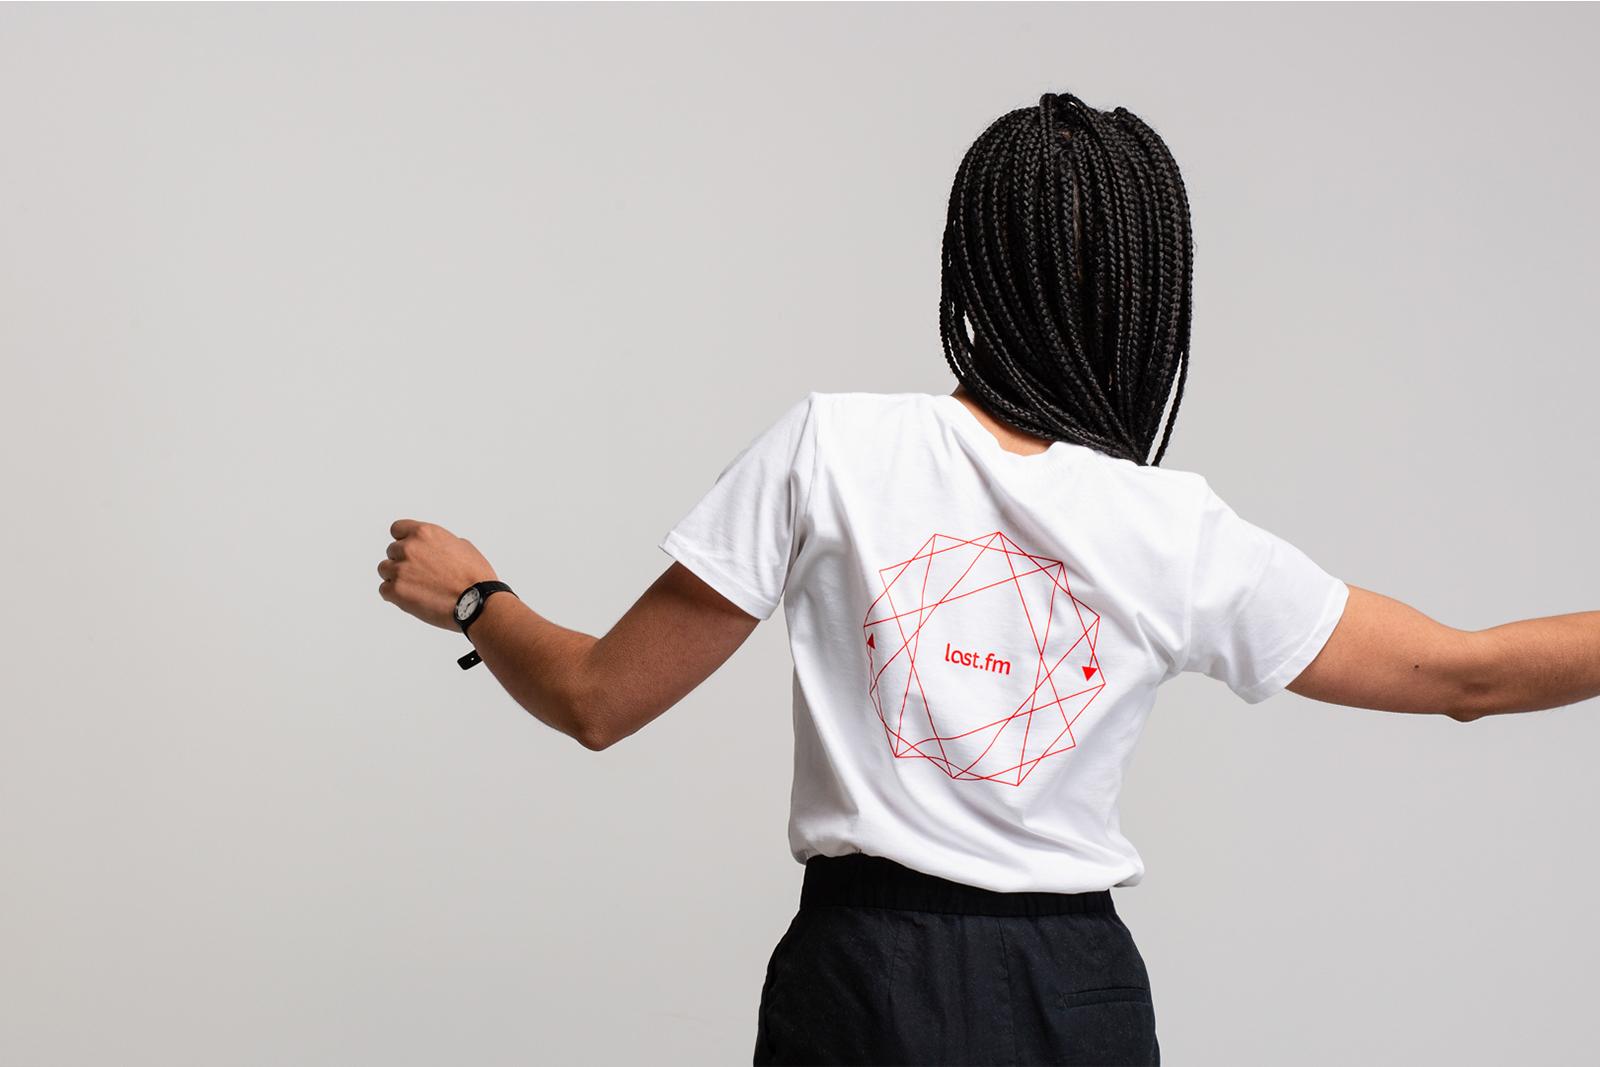 Last.fm Merchandise T Shirt Reverse